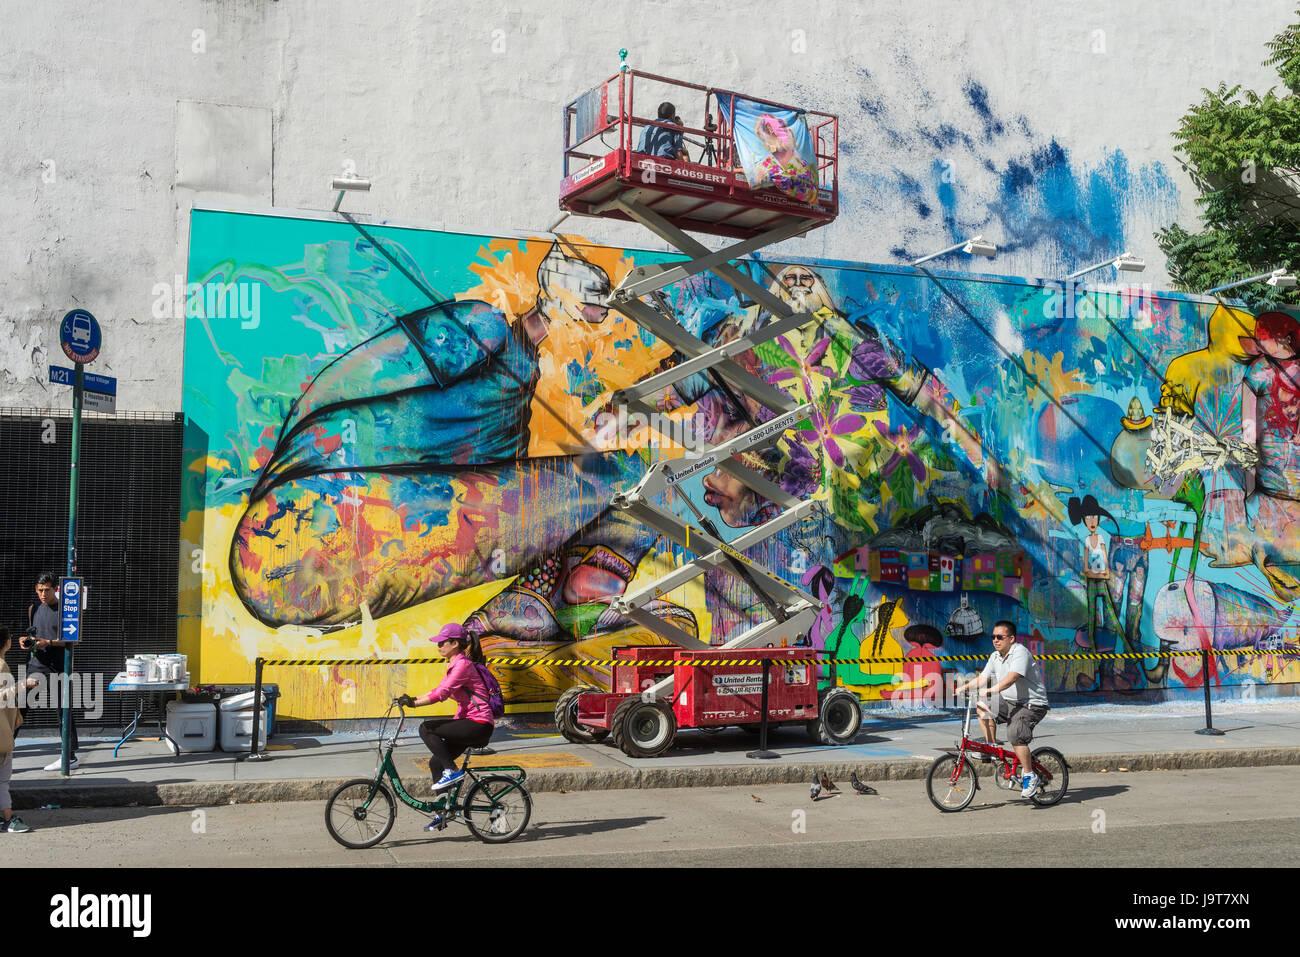 New York, NY 2 Juin 2016 - L'artiste américain David Choe Corée prend une pause de la peinture pour Photo Stock